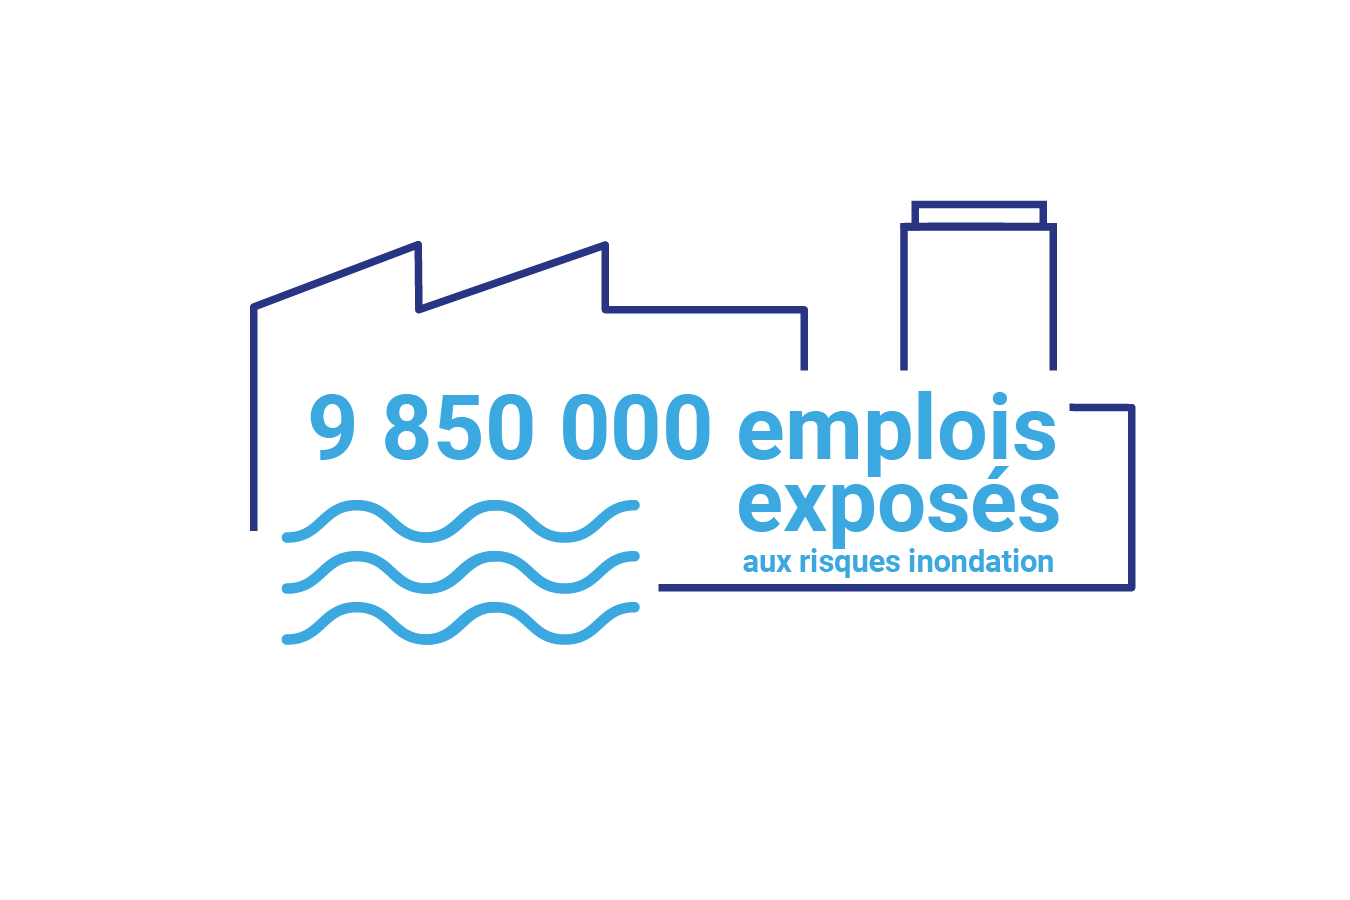 9850000 emplois exposés aux risque inondation